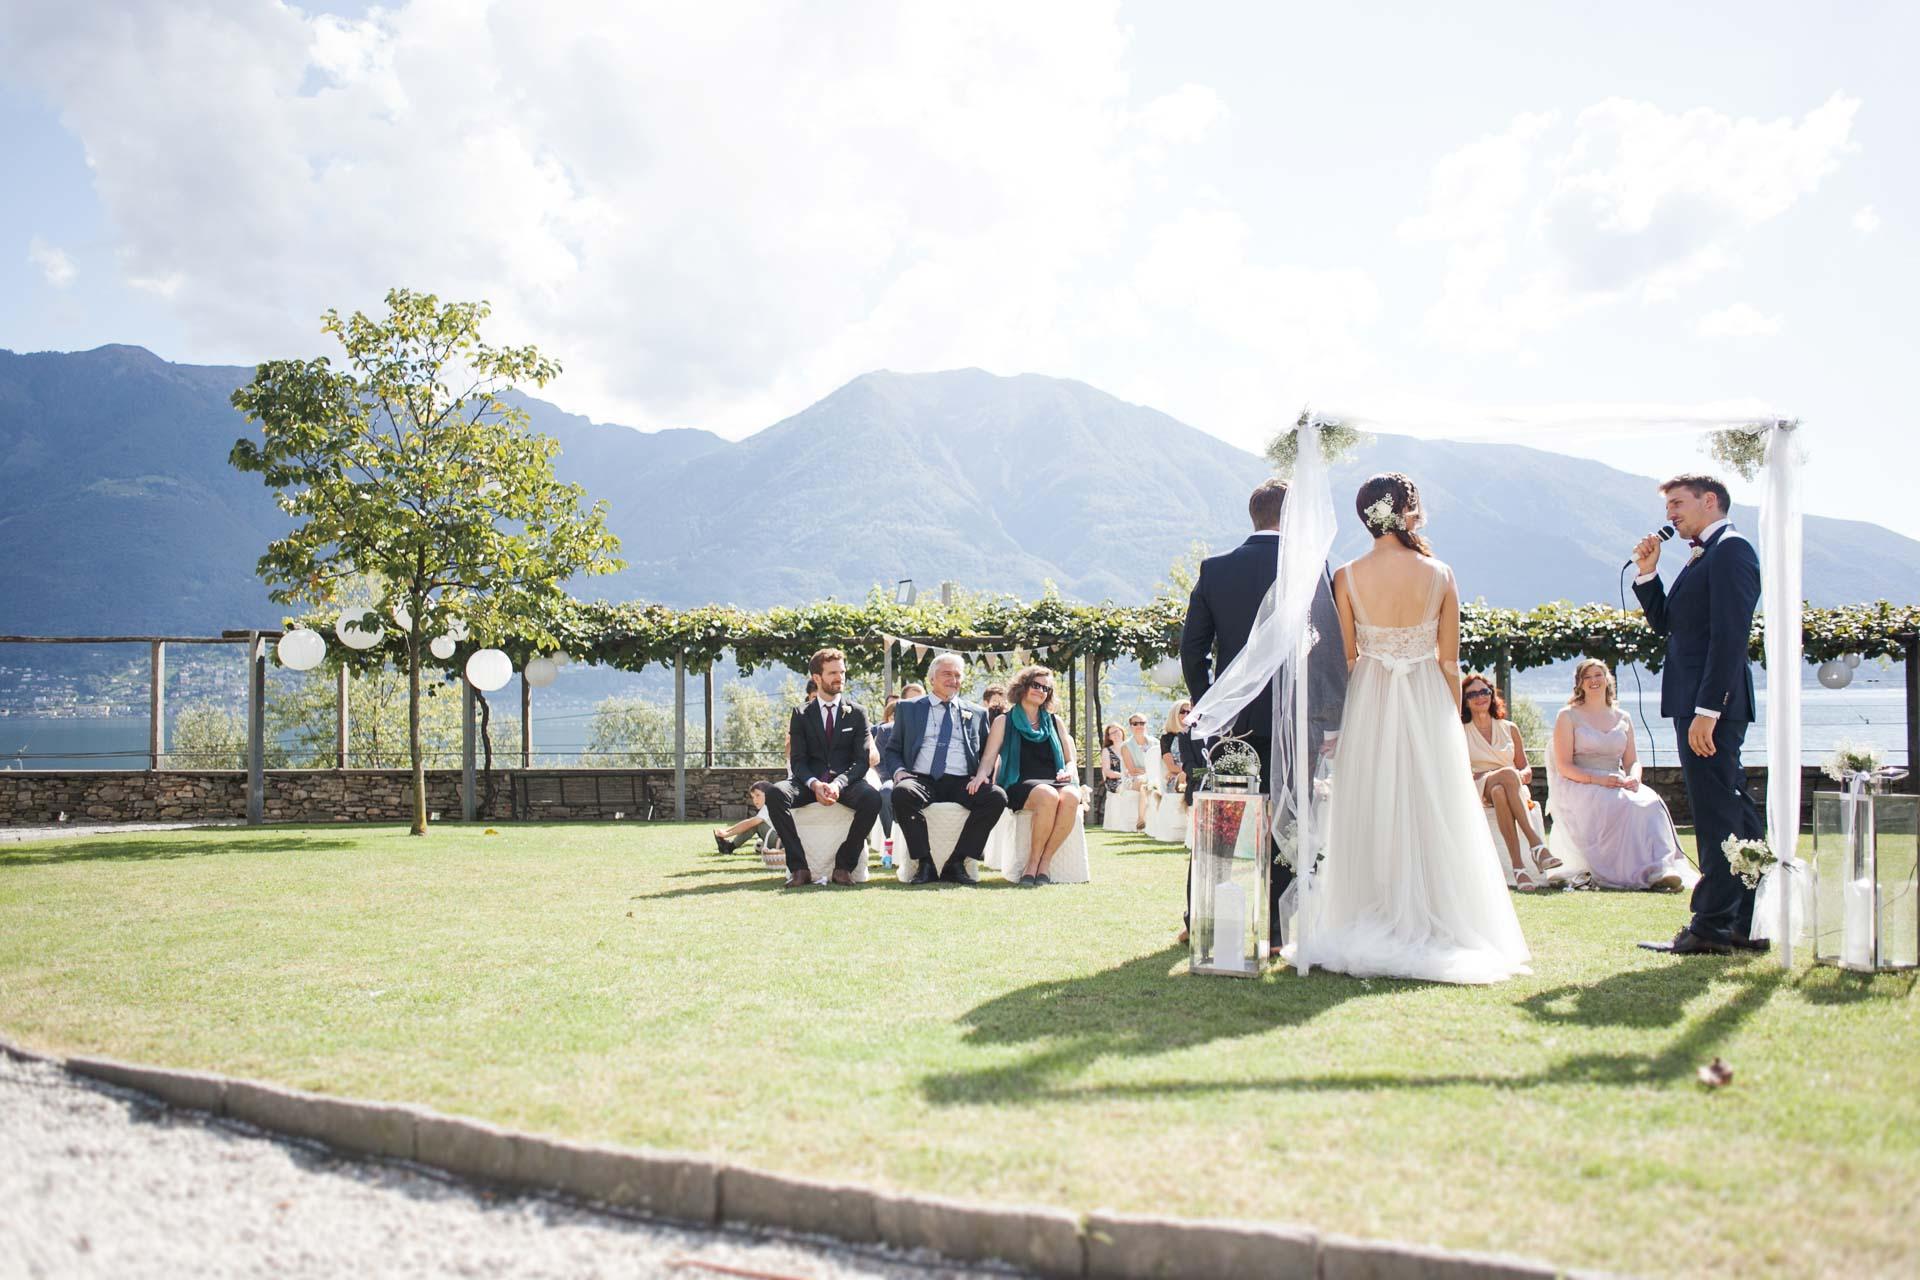 Hochzeit im Freien Villa San Quirico BHLDN Penelope